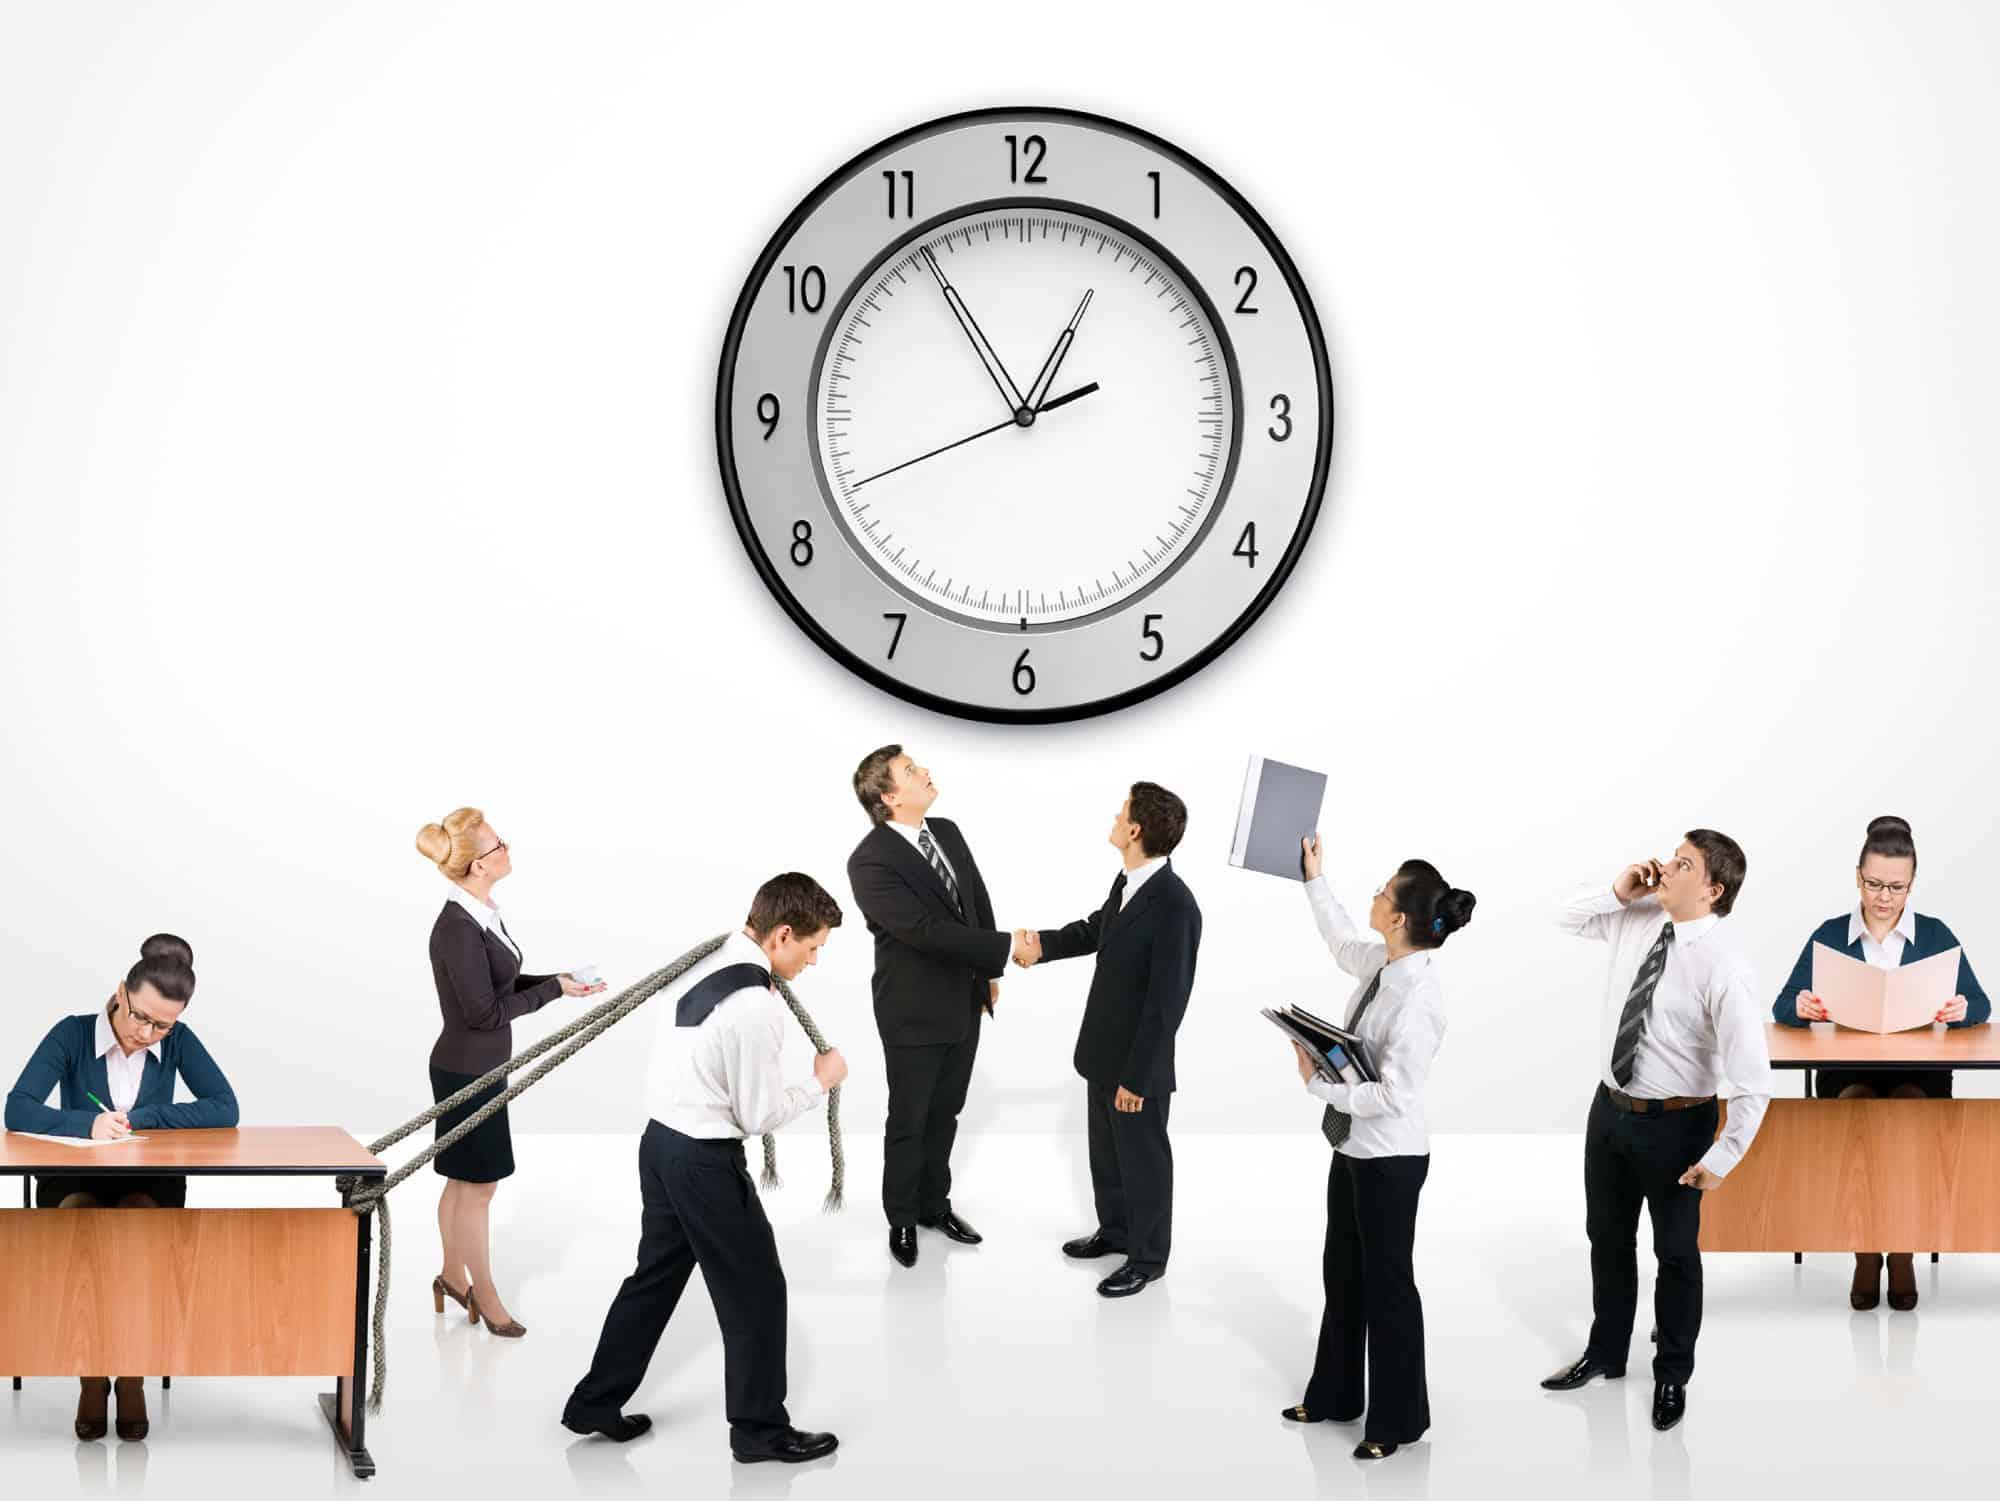 إدارة الوقت والأولويات